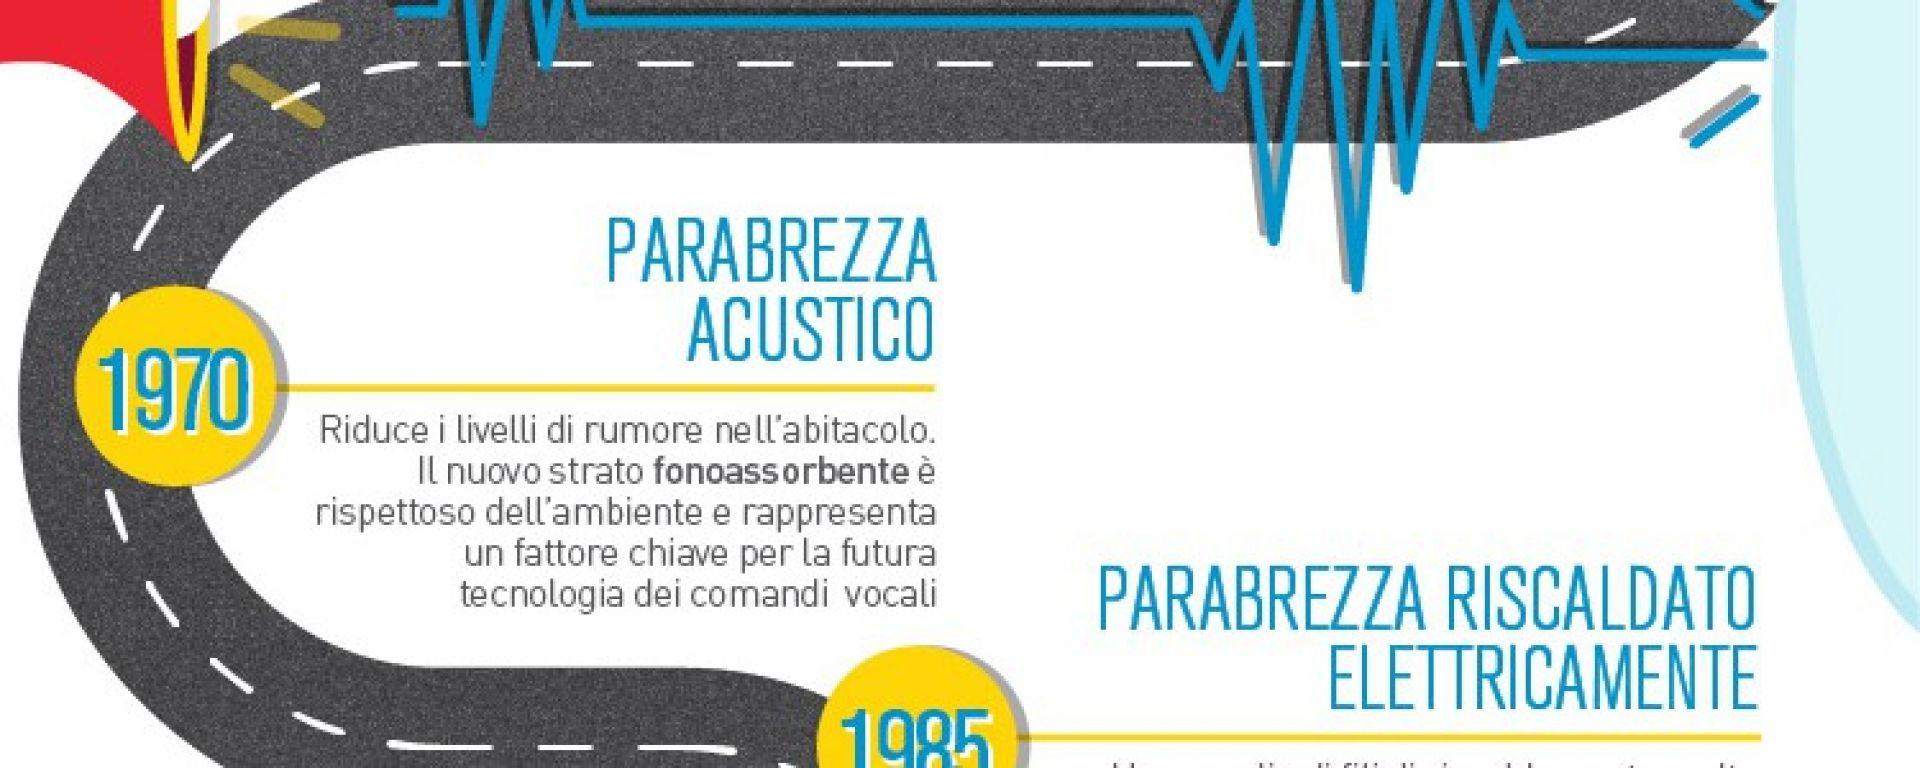 Carglass: l'evoluzione dell'auto attraverso il parabrezza